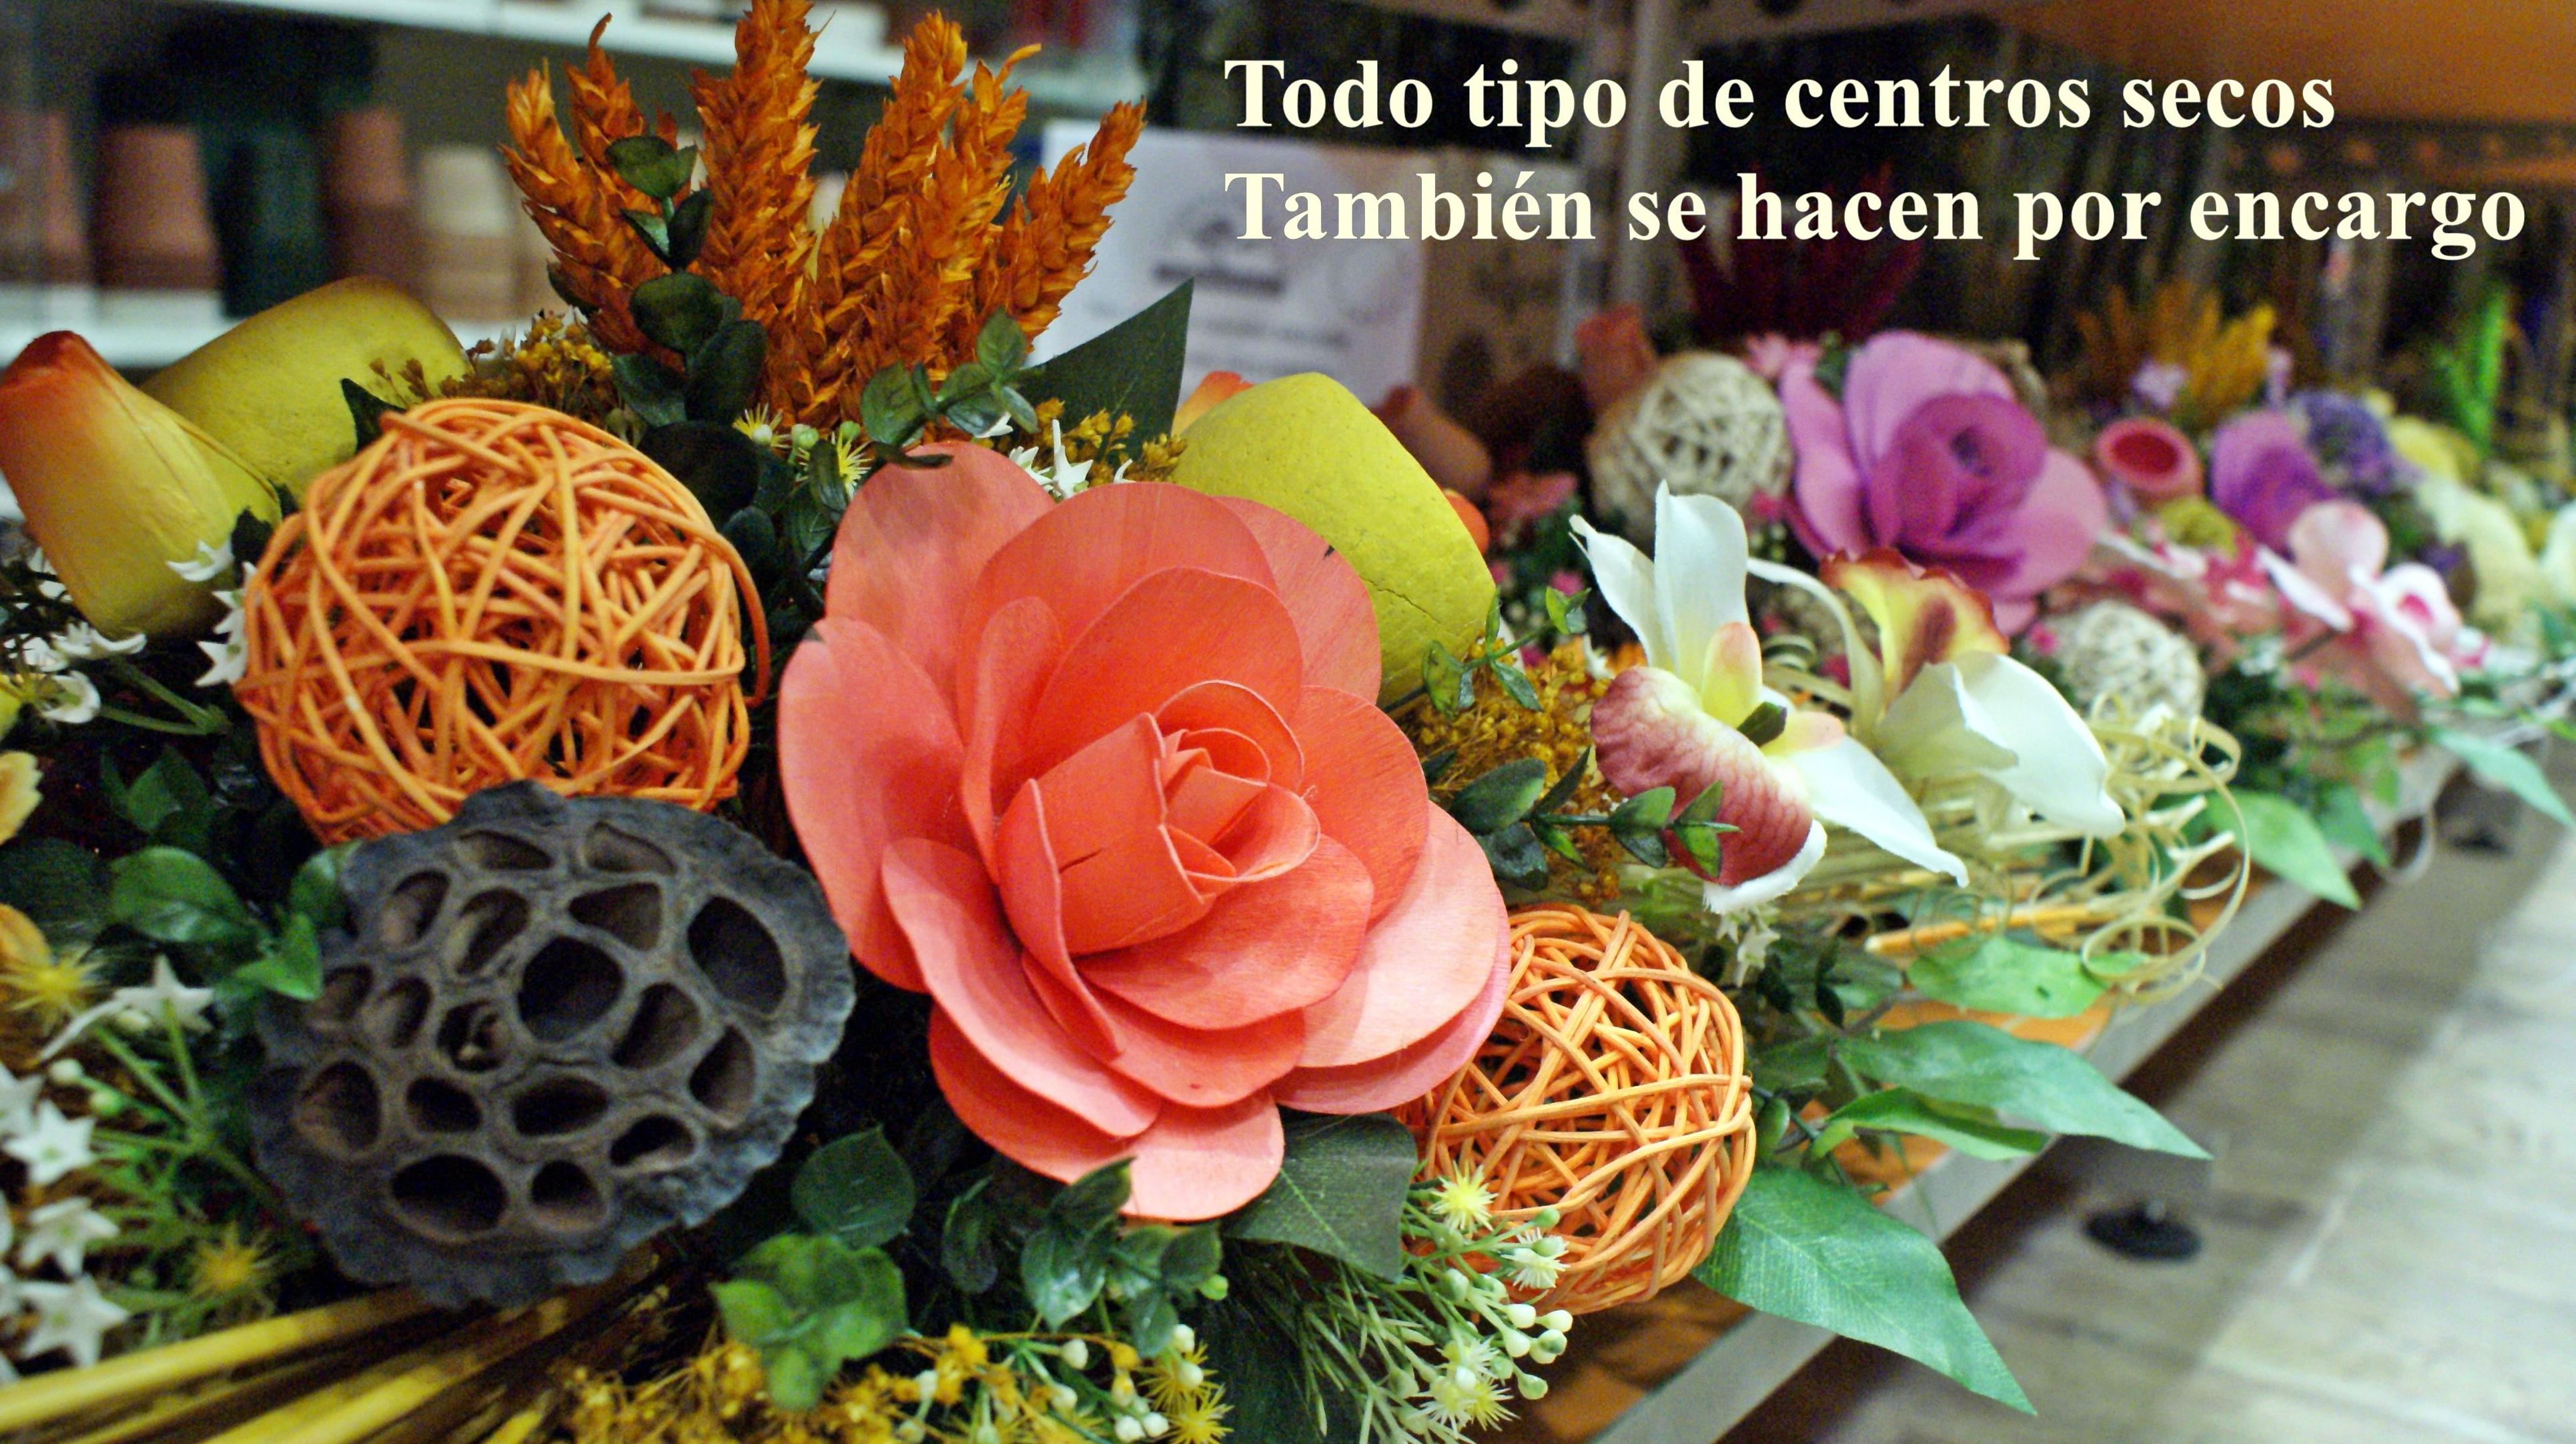 Centros de flor seca ideal para adornar cualquier hogar: PRODUCTOS Y SERVICIOS  de Floristería Contreras - BARTOLOMÉ CONTRERAS